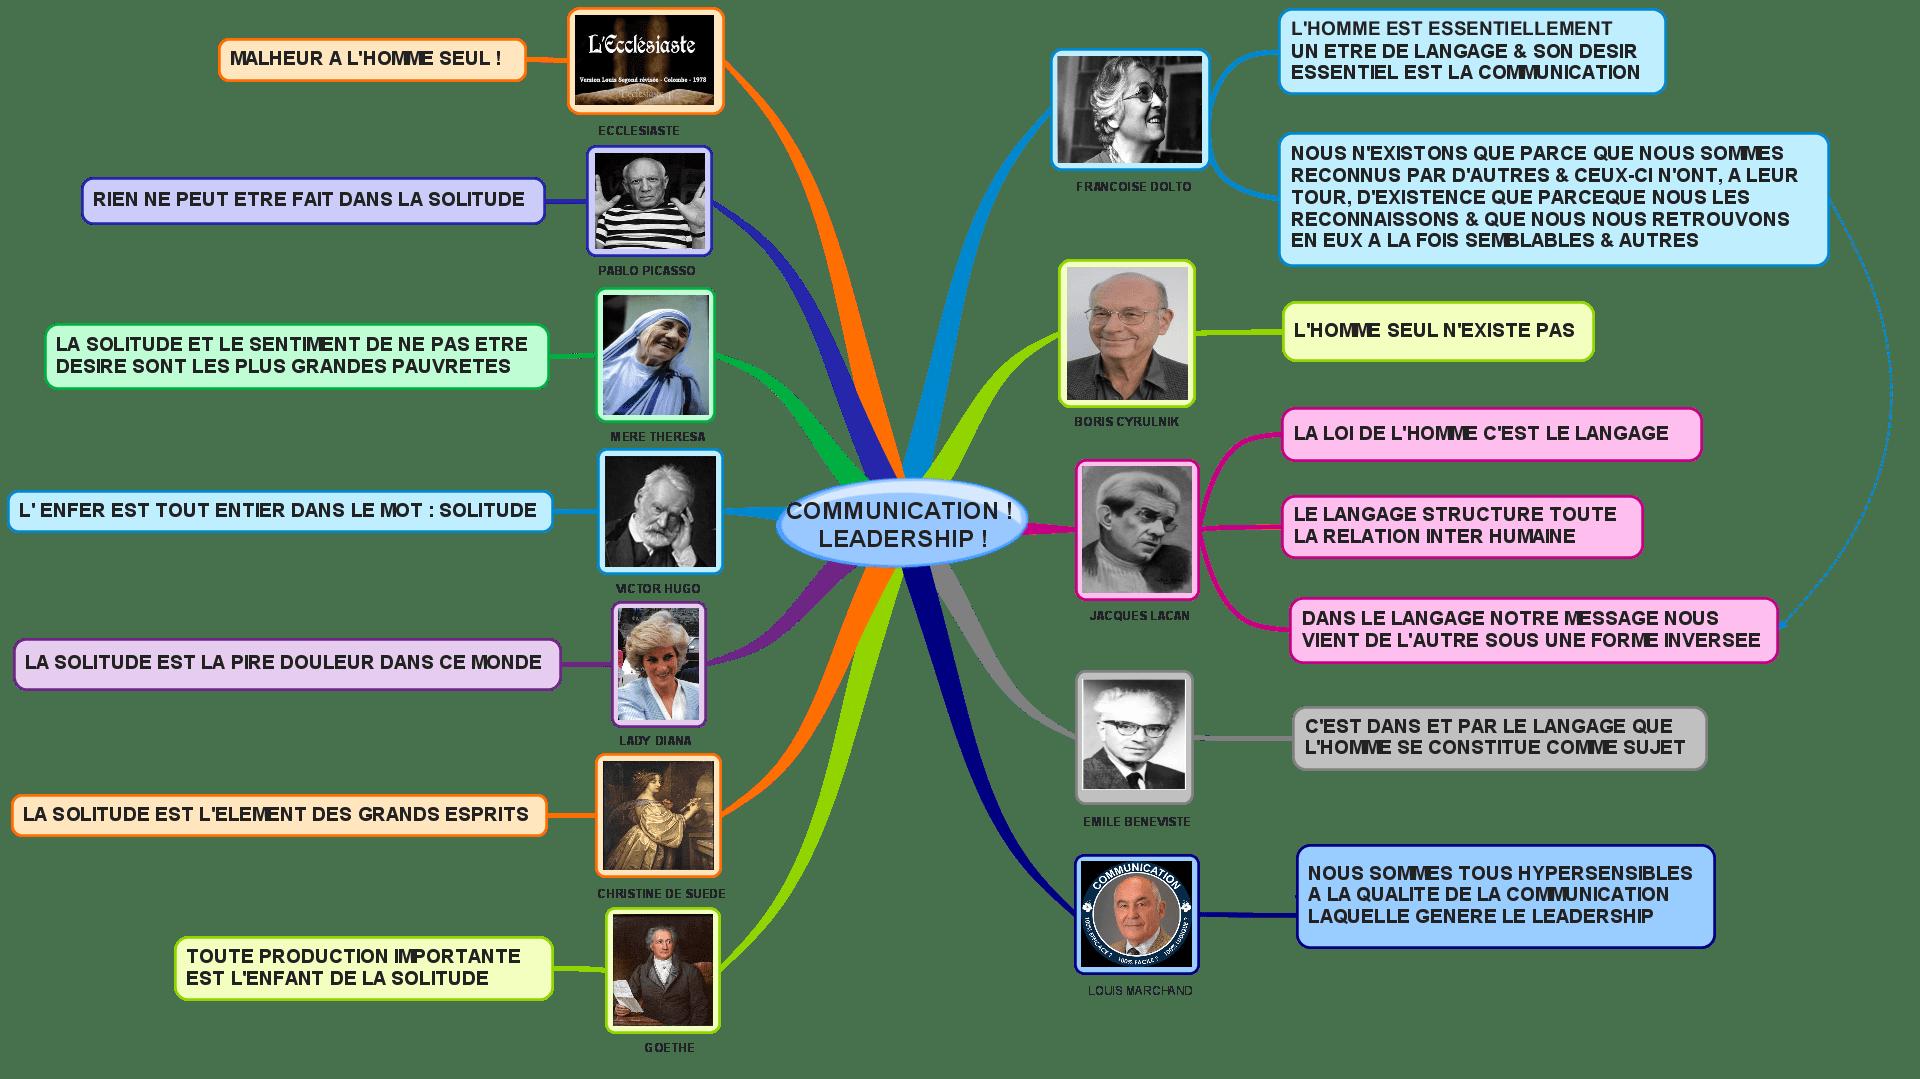 LEADERSHIP ET EXCELLENCE DE LA COMMUNICATION : UN LIEN DIRECT